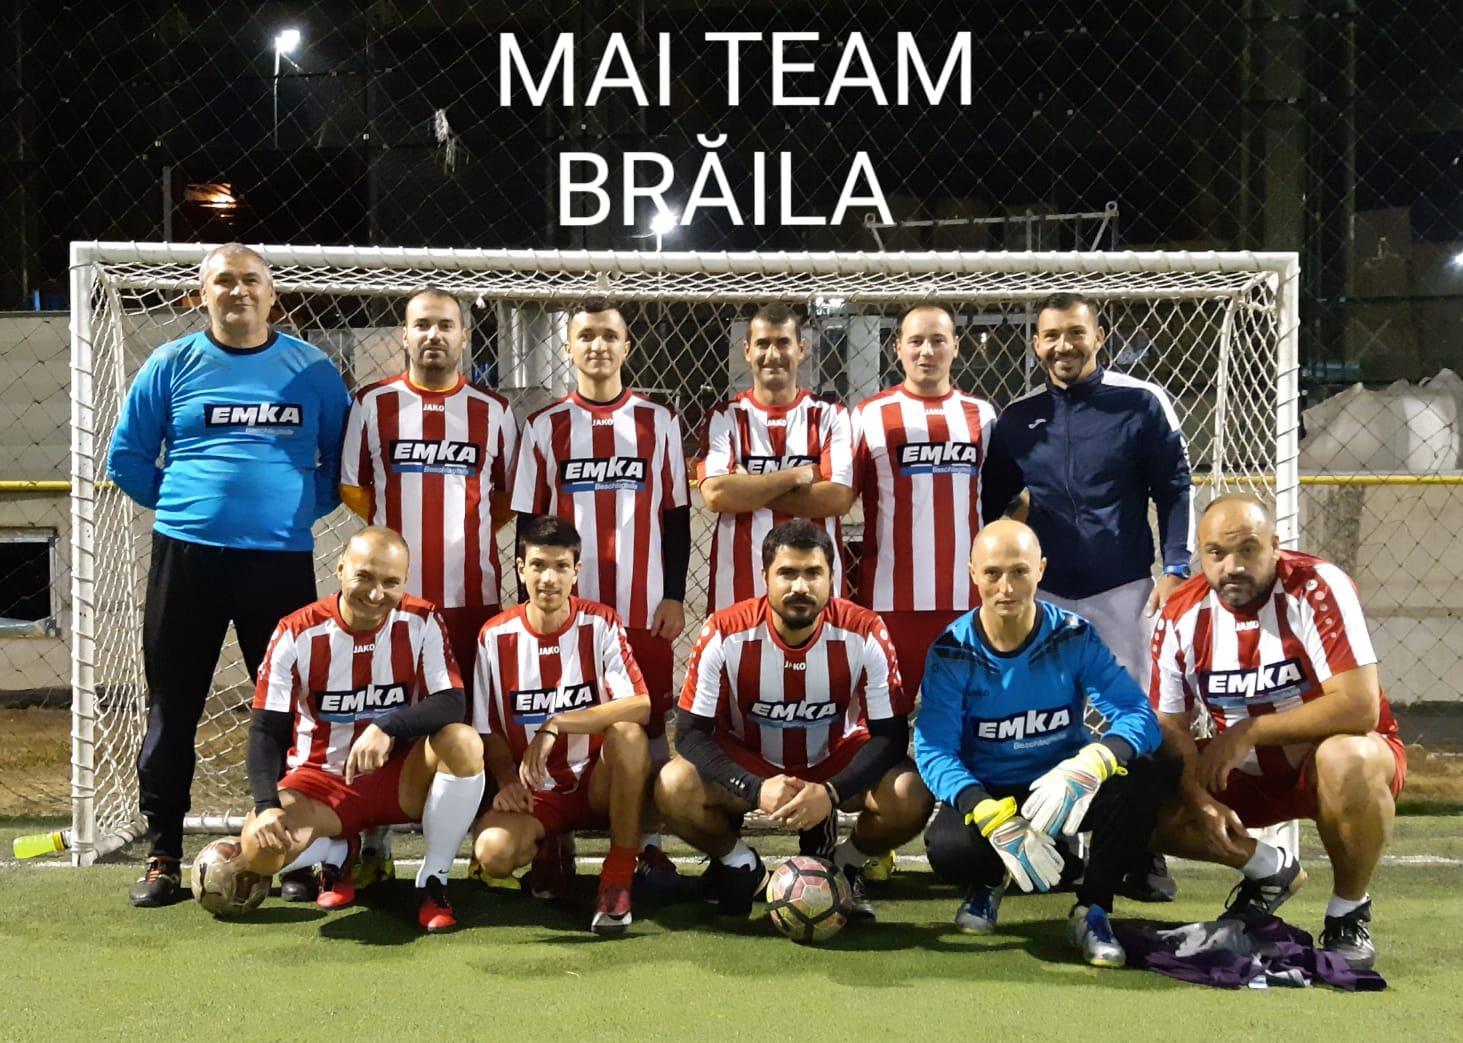 M.A.I. Team